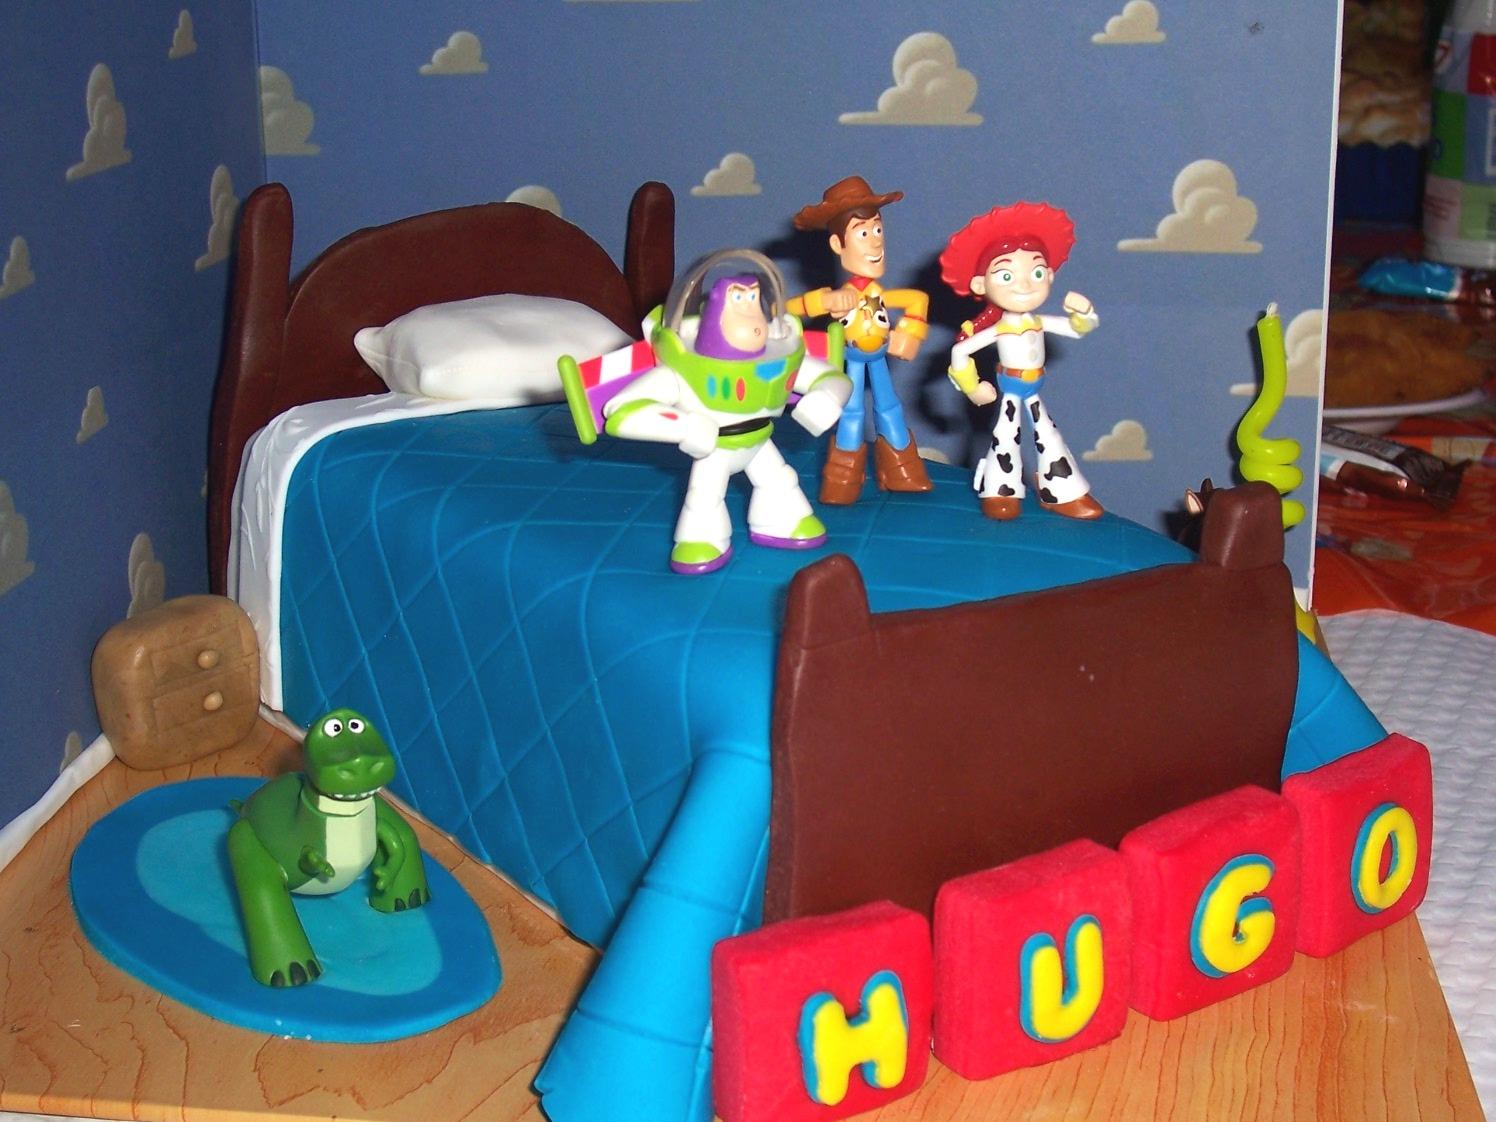 Populares Comidas Caseiras Montijo: O quarto da Toy Story do Hugo FQ43